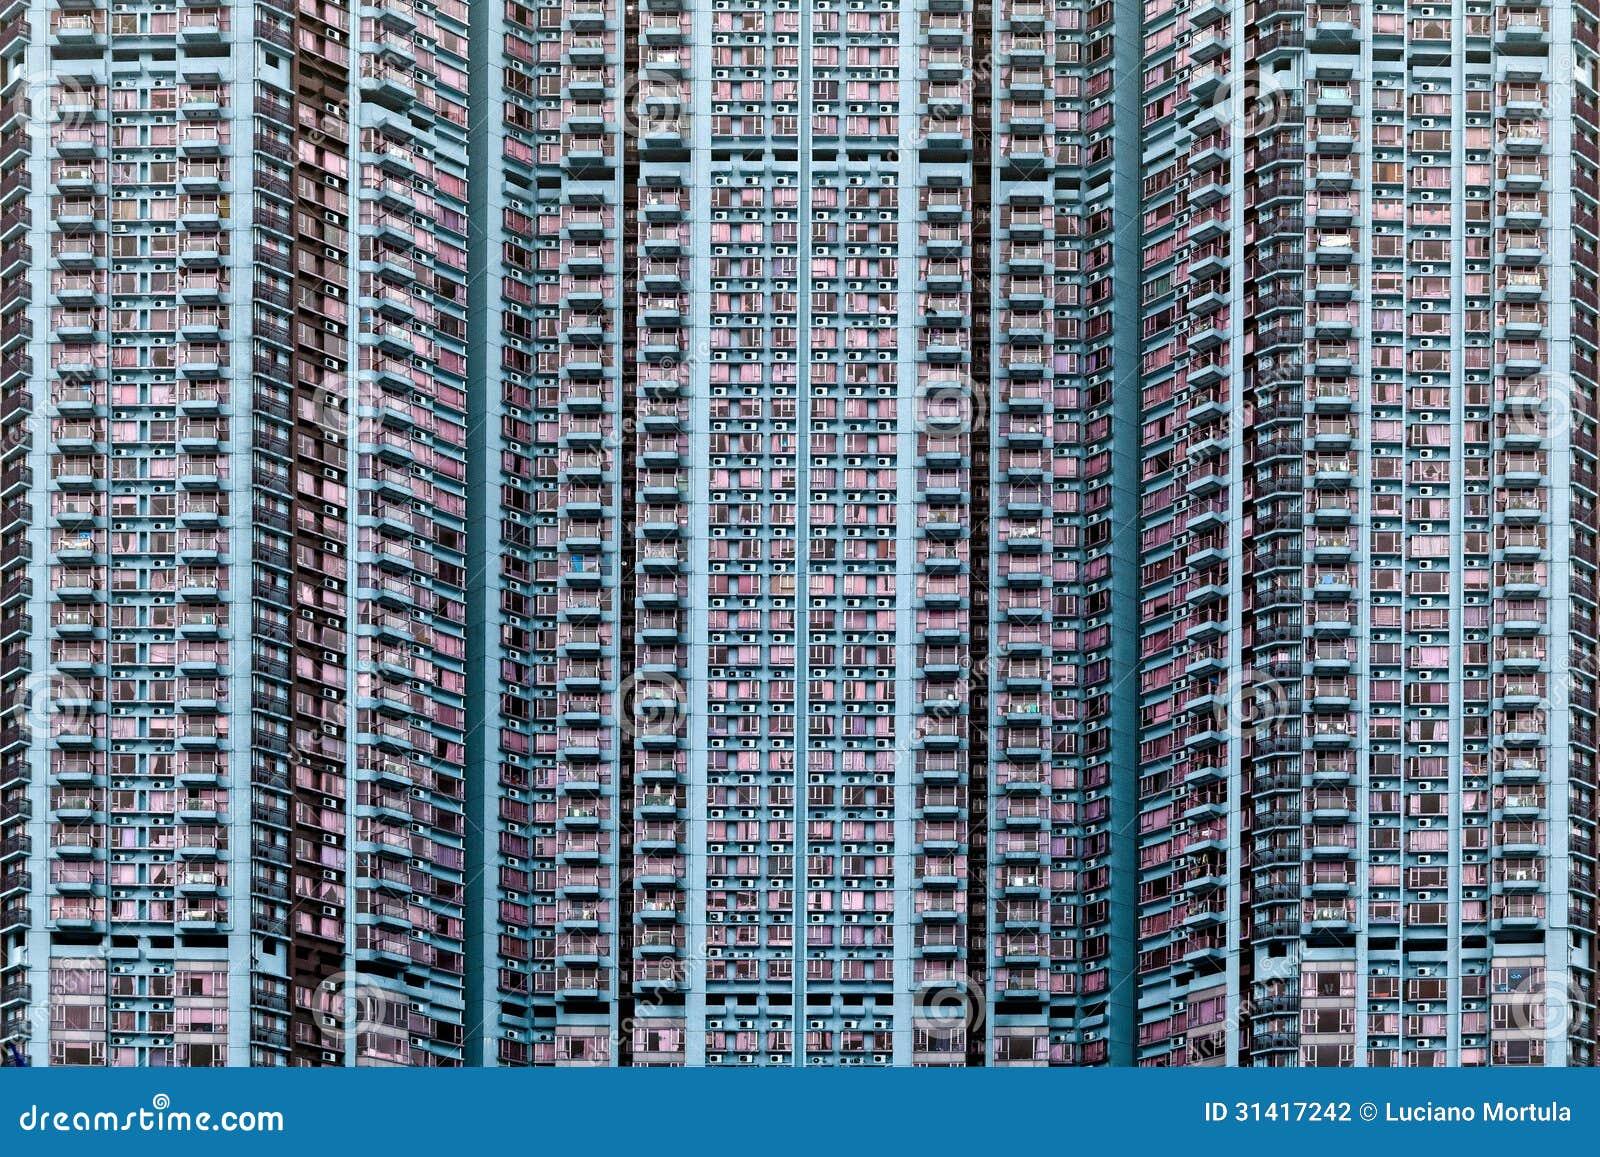 Bloque de Hong Kong.